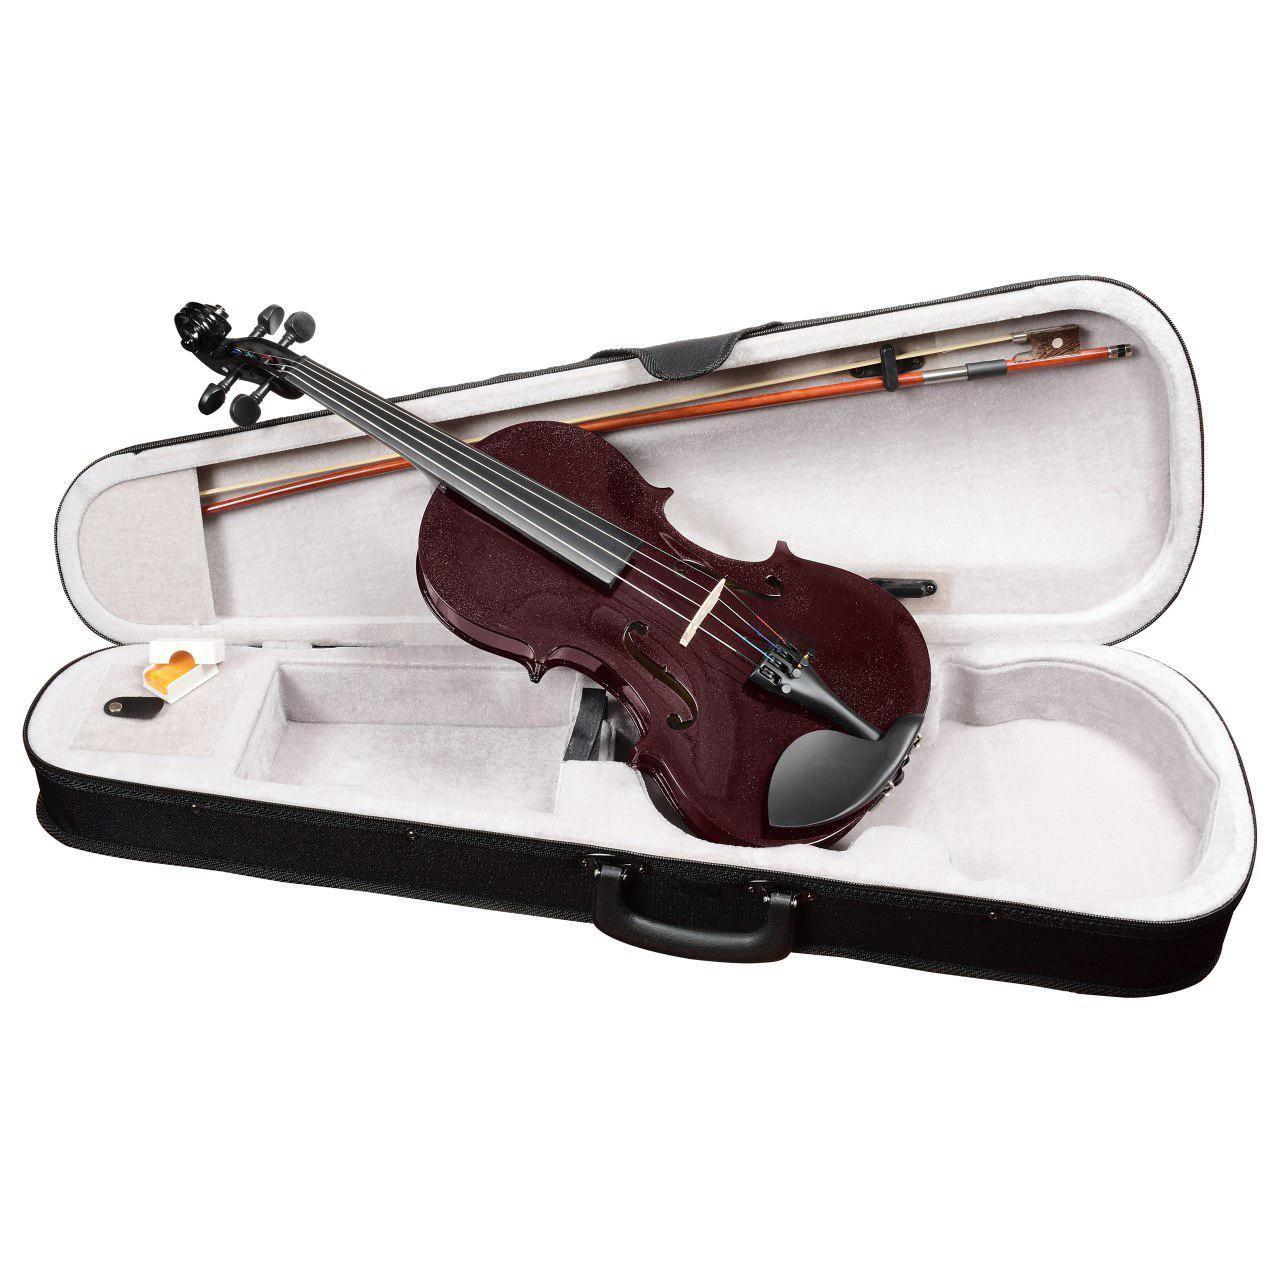 ANTONIO LAVAZZA VL-20 DRW 1/4 - Скрипка размер 1/4, цвет - ВИШНЁВЫЙ металлик (КОМПЛЕКТ - кейс + смычок + канифоль)